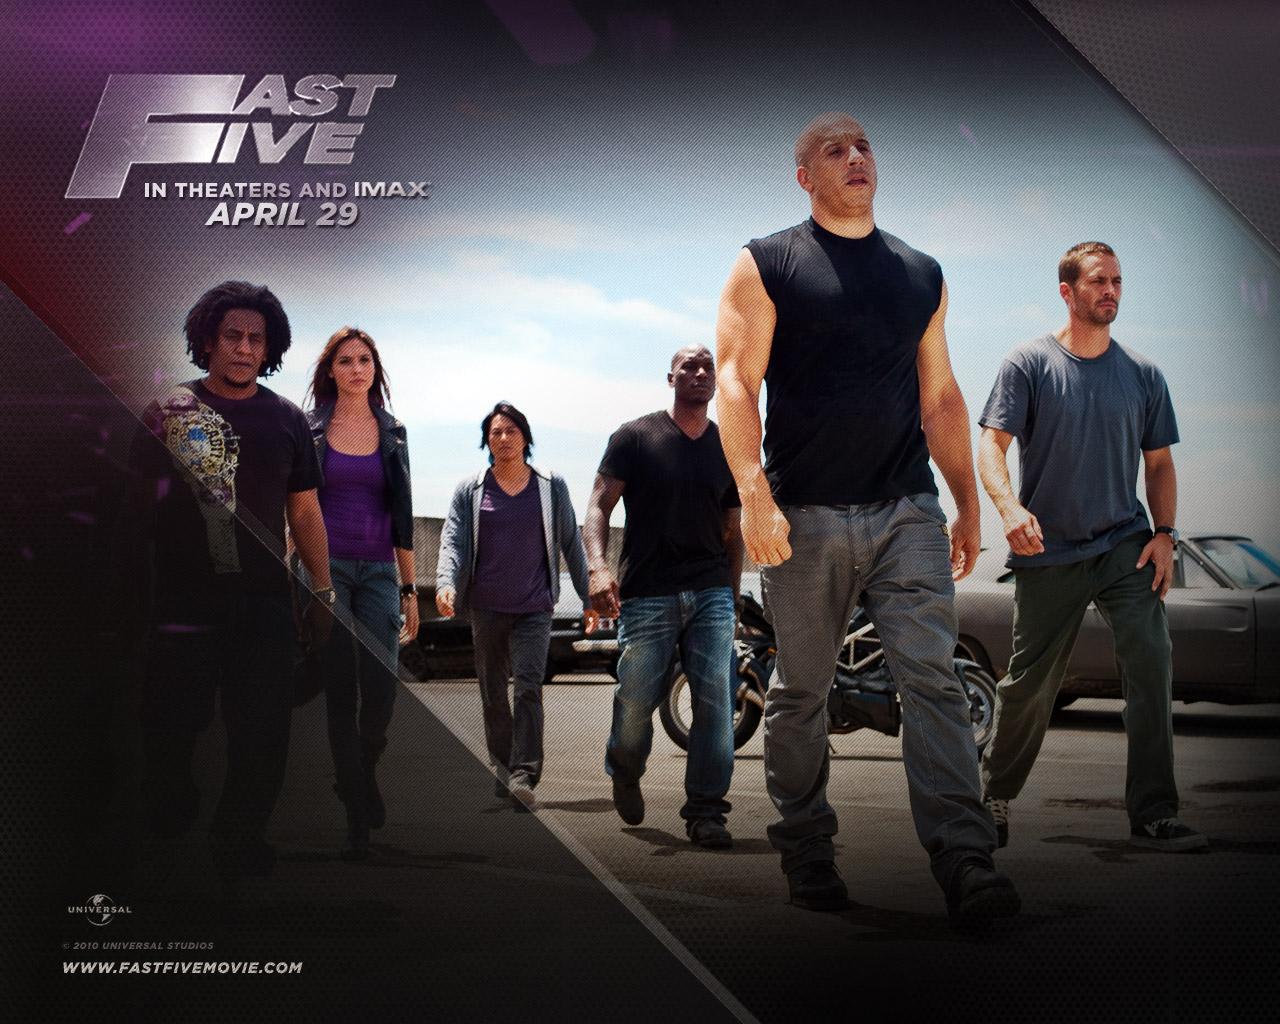 Vin Diesel in Fast Five Wallpaper | Prateak Movie Review